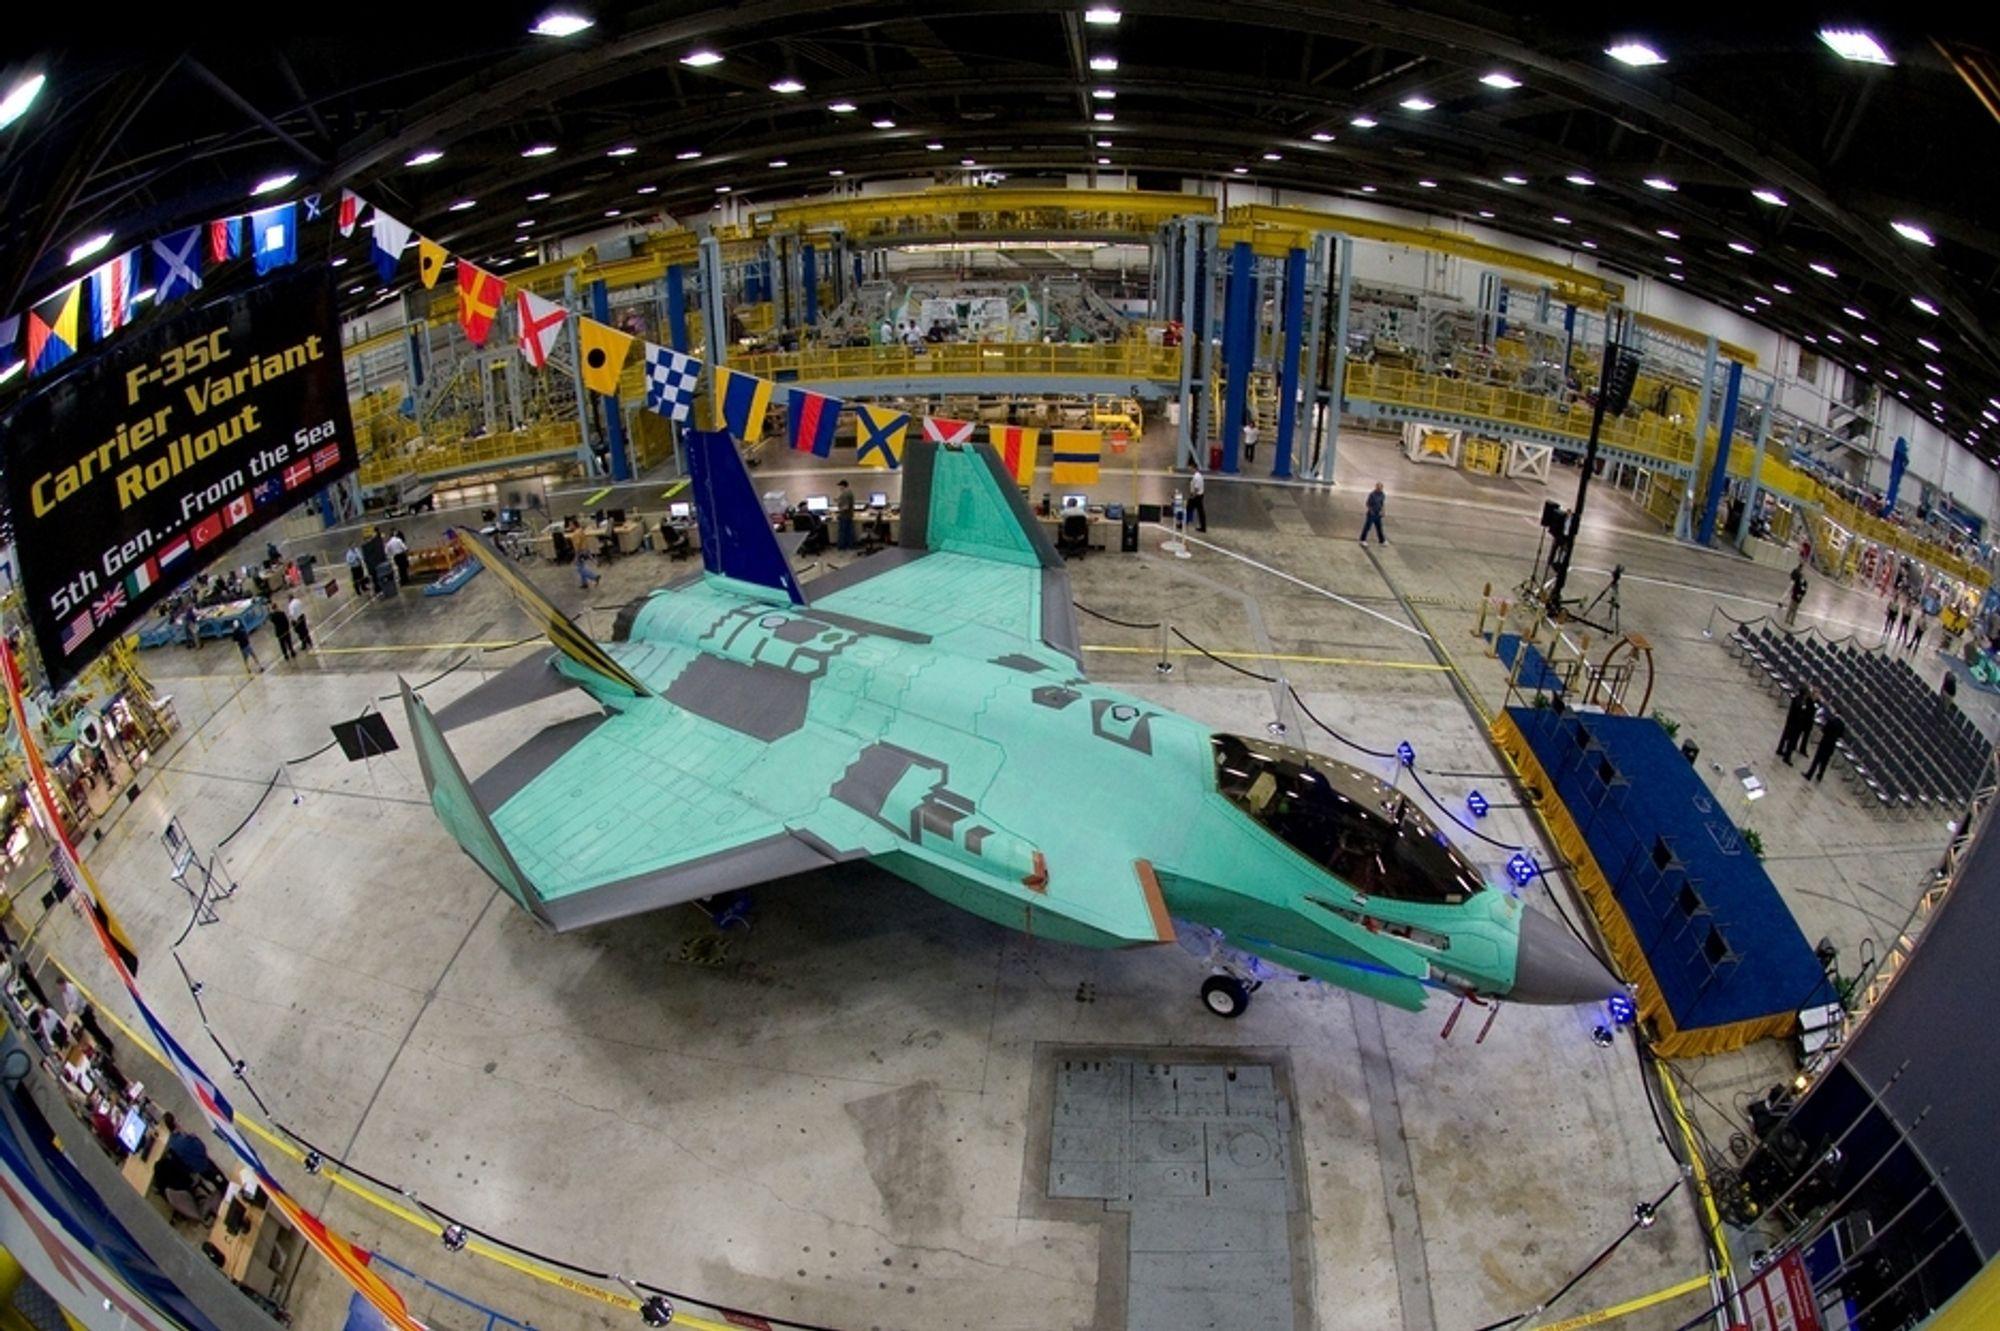 STØRST: Stadig flere land handler kampfly, og USA er den største selgeren. Her en F-35C hos Lockheed Martin.